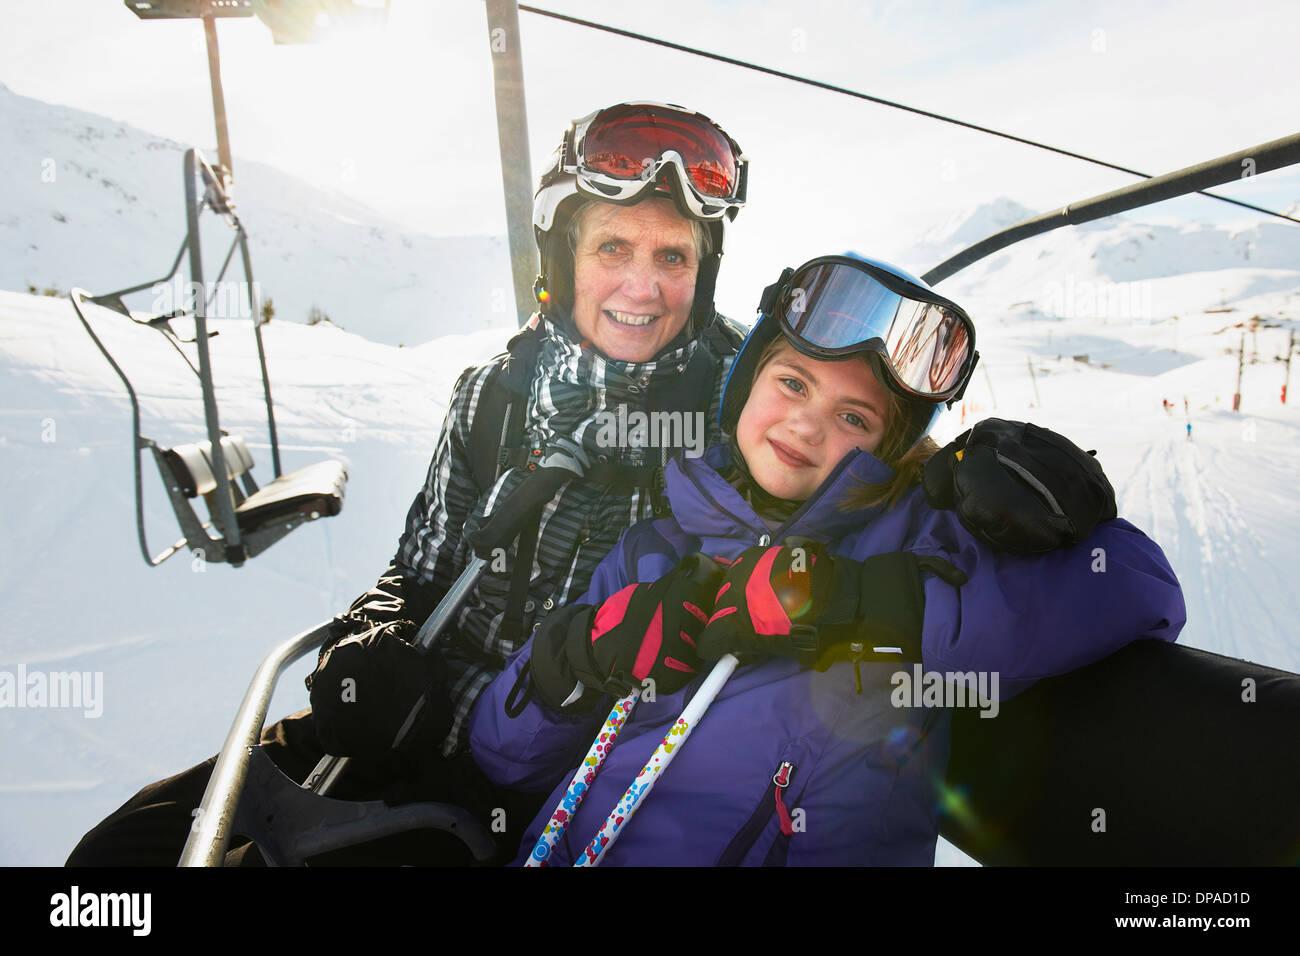 Ritratto di Nonna e nipote sulla ski lift, Les Arcs, Alta Savoia, Francia Immagini Stock